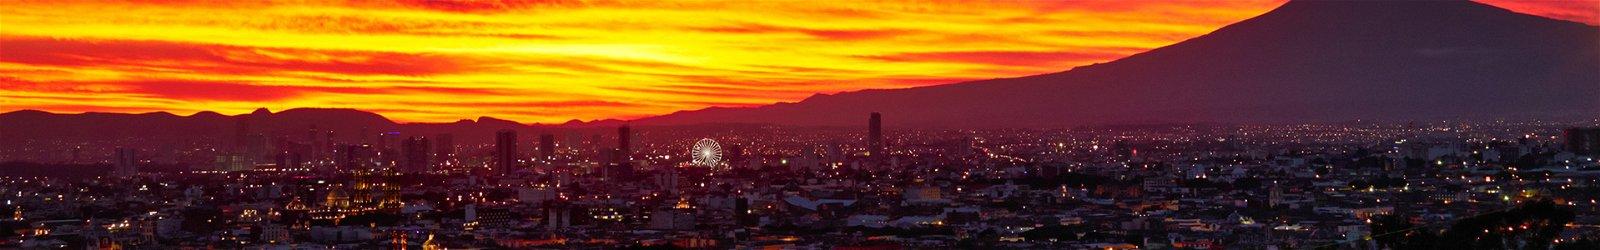 Viajes por Puebla desde México 2020